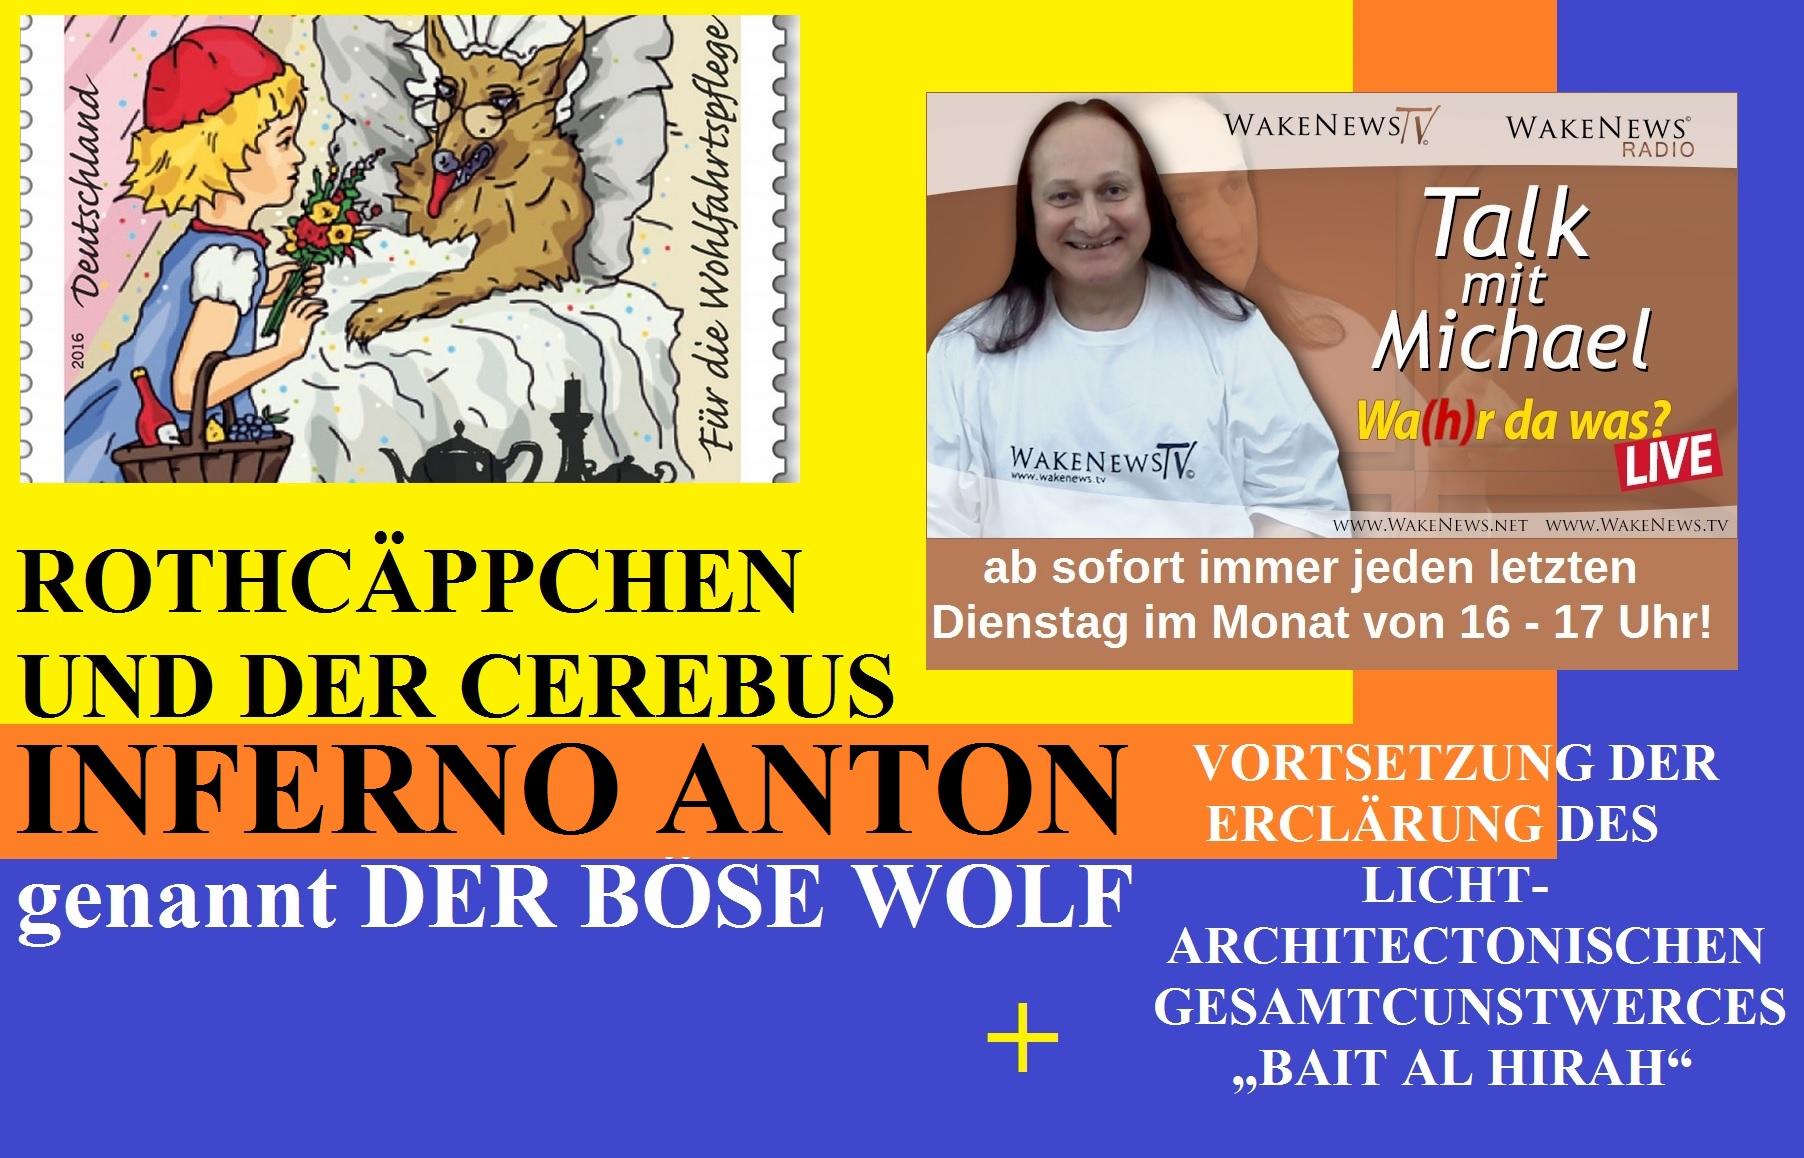 https://mywakenews.files.wordpress.com/2016/10/rothcc3a4ppchen-und-der-cerberus1.jpg